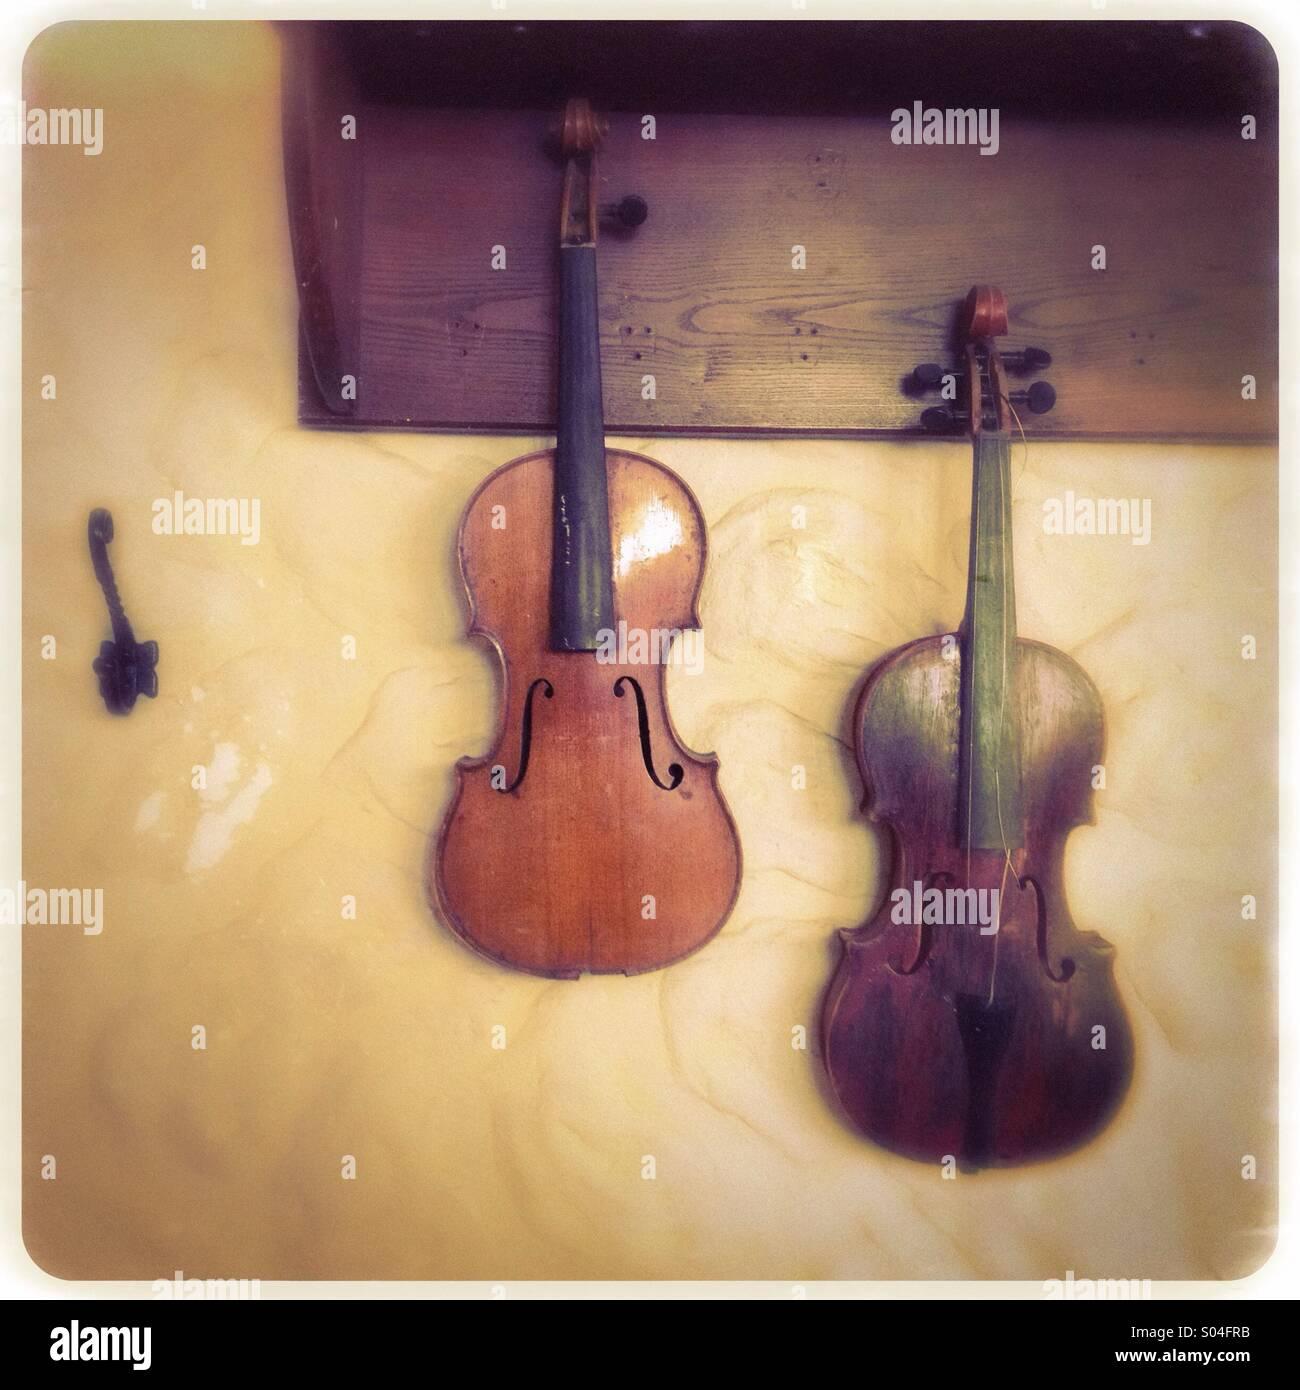 Broken Violin Stock Photos & Broken Violin Stock Images - Alamy